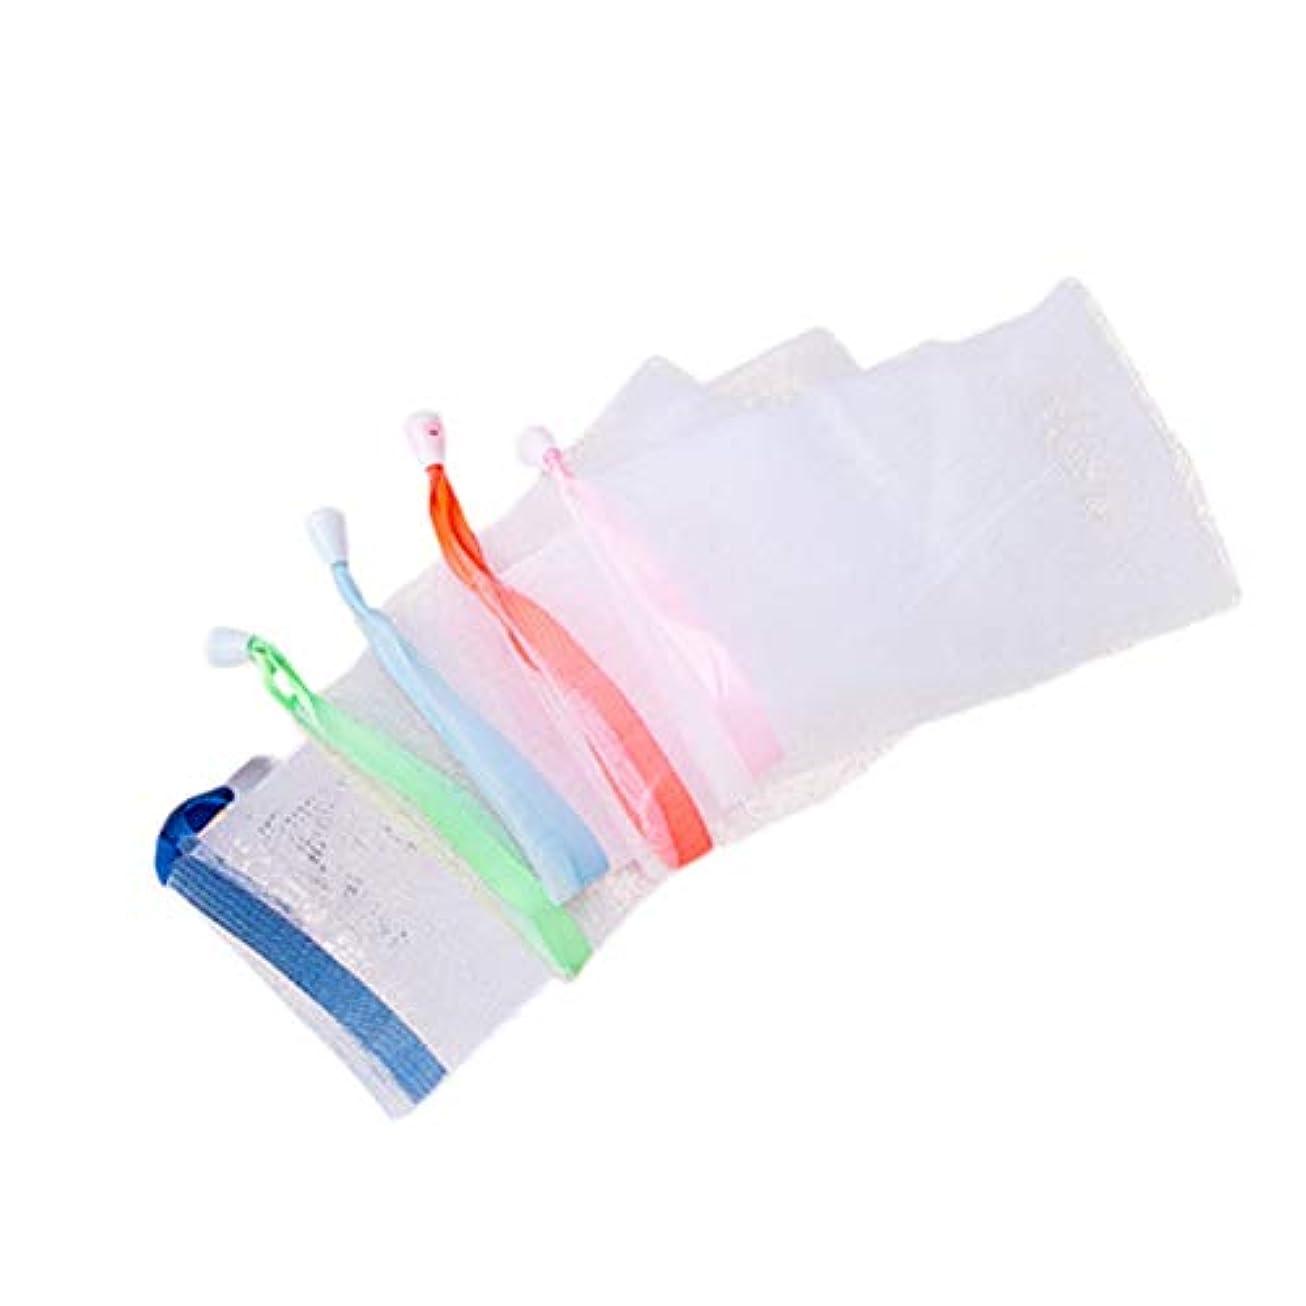 膨らませる一瞬後悔HEALIFTY 9pcsを洗う表面のための多彩な石鹸袋の泡立つ純袋の石鹸の泡ネット袋